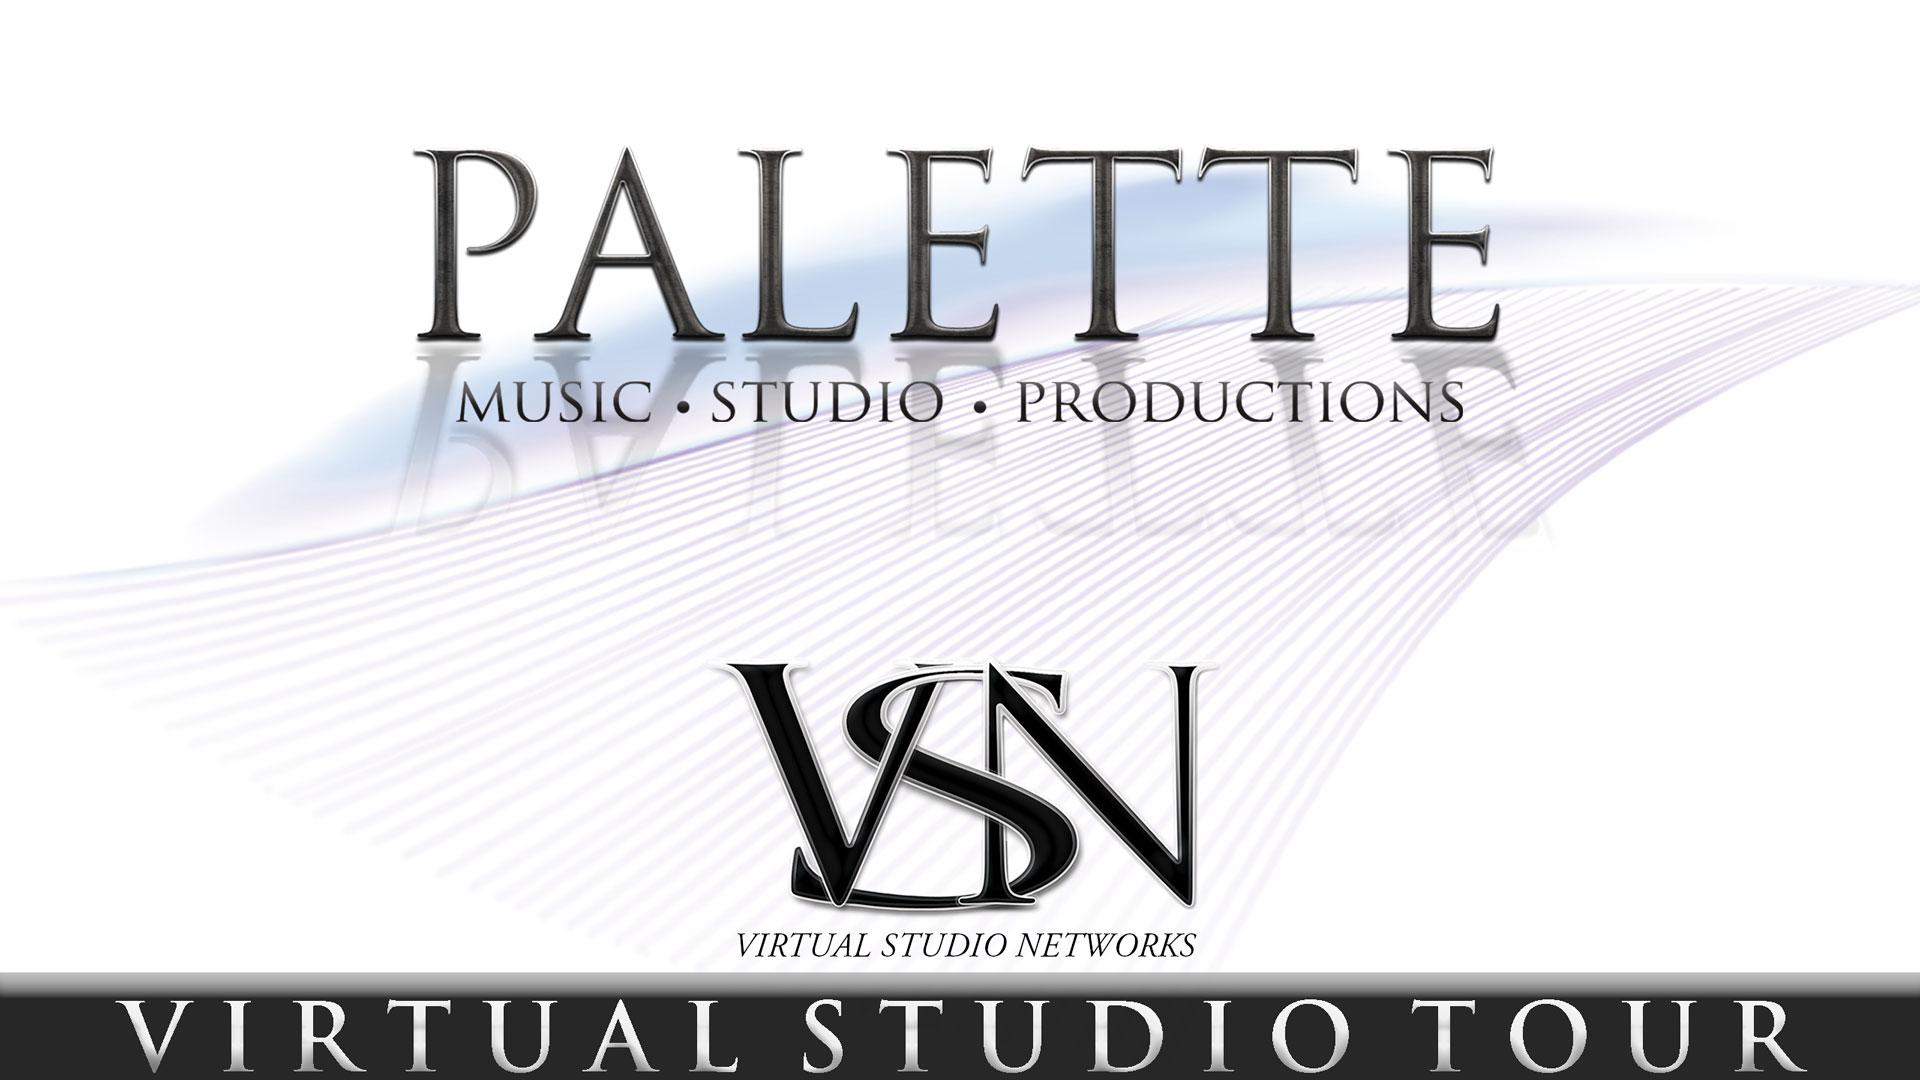 Palette Music Studio Productions Virtual Tour | VSN Online